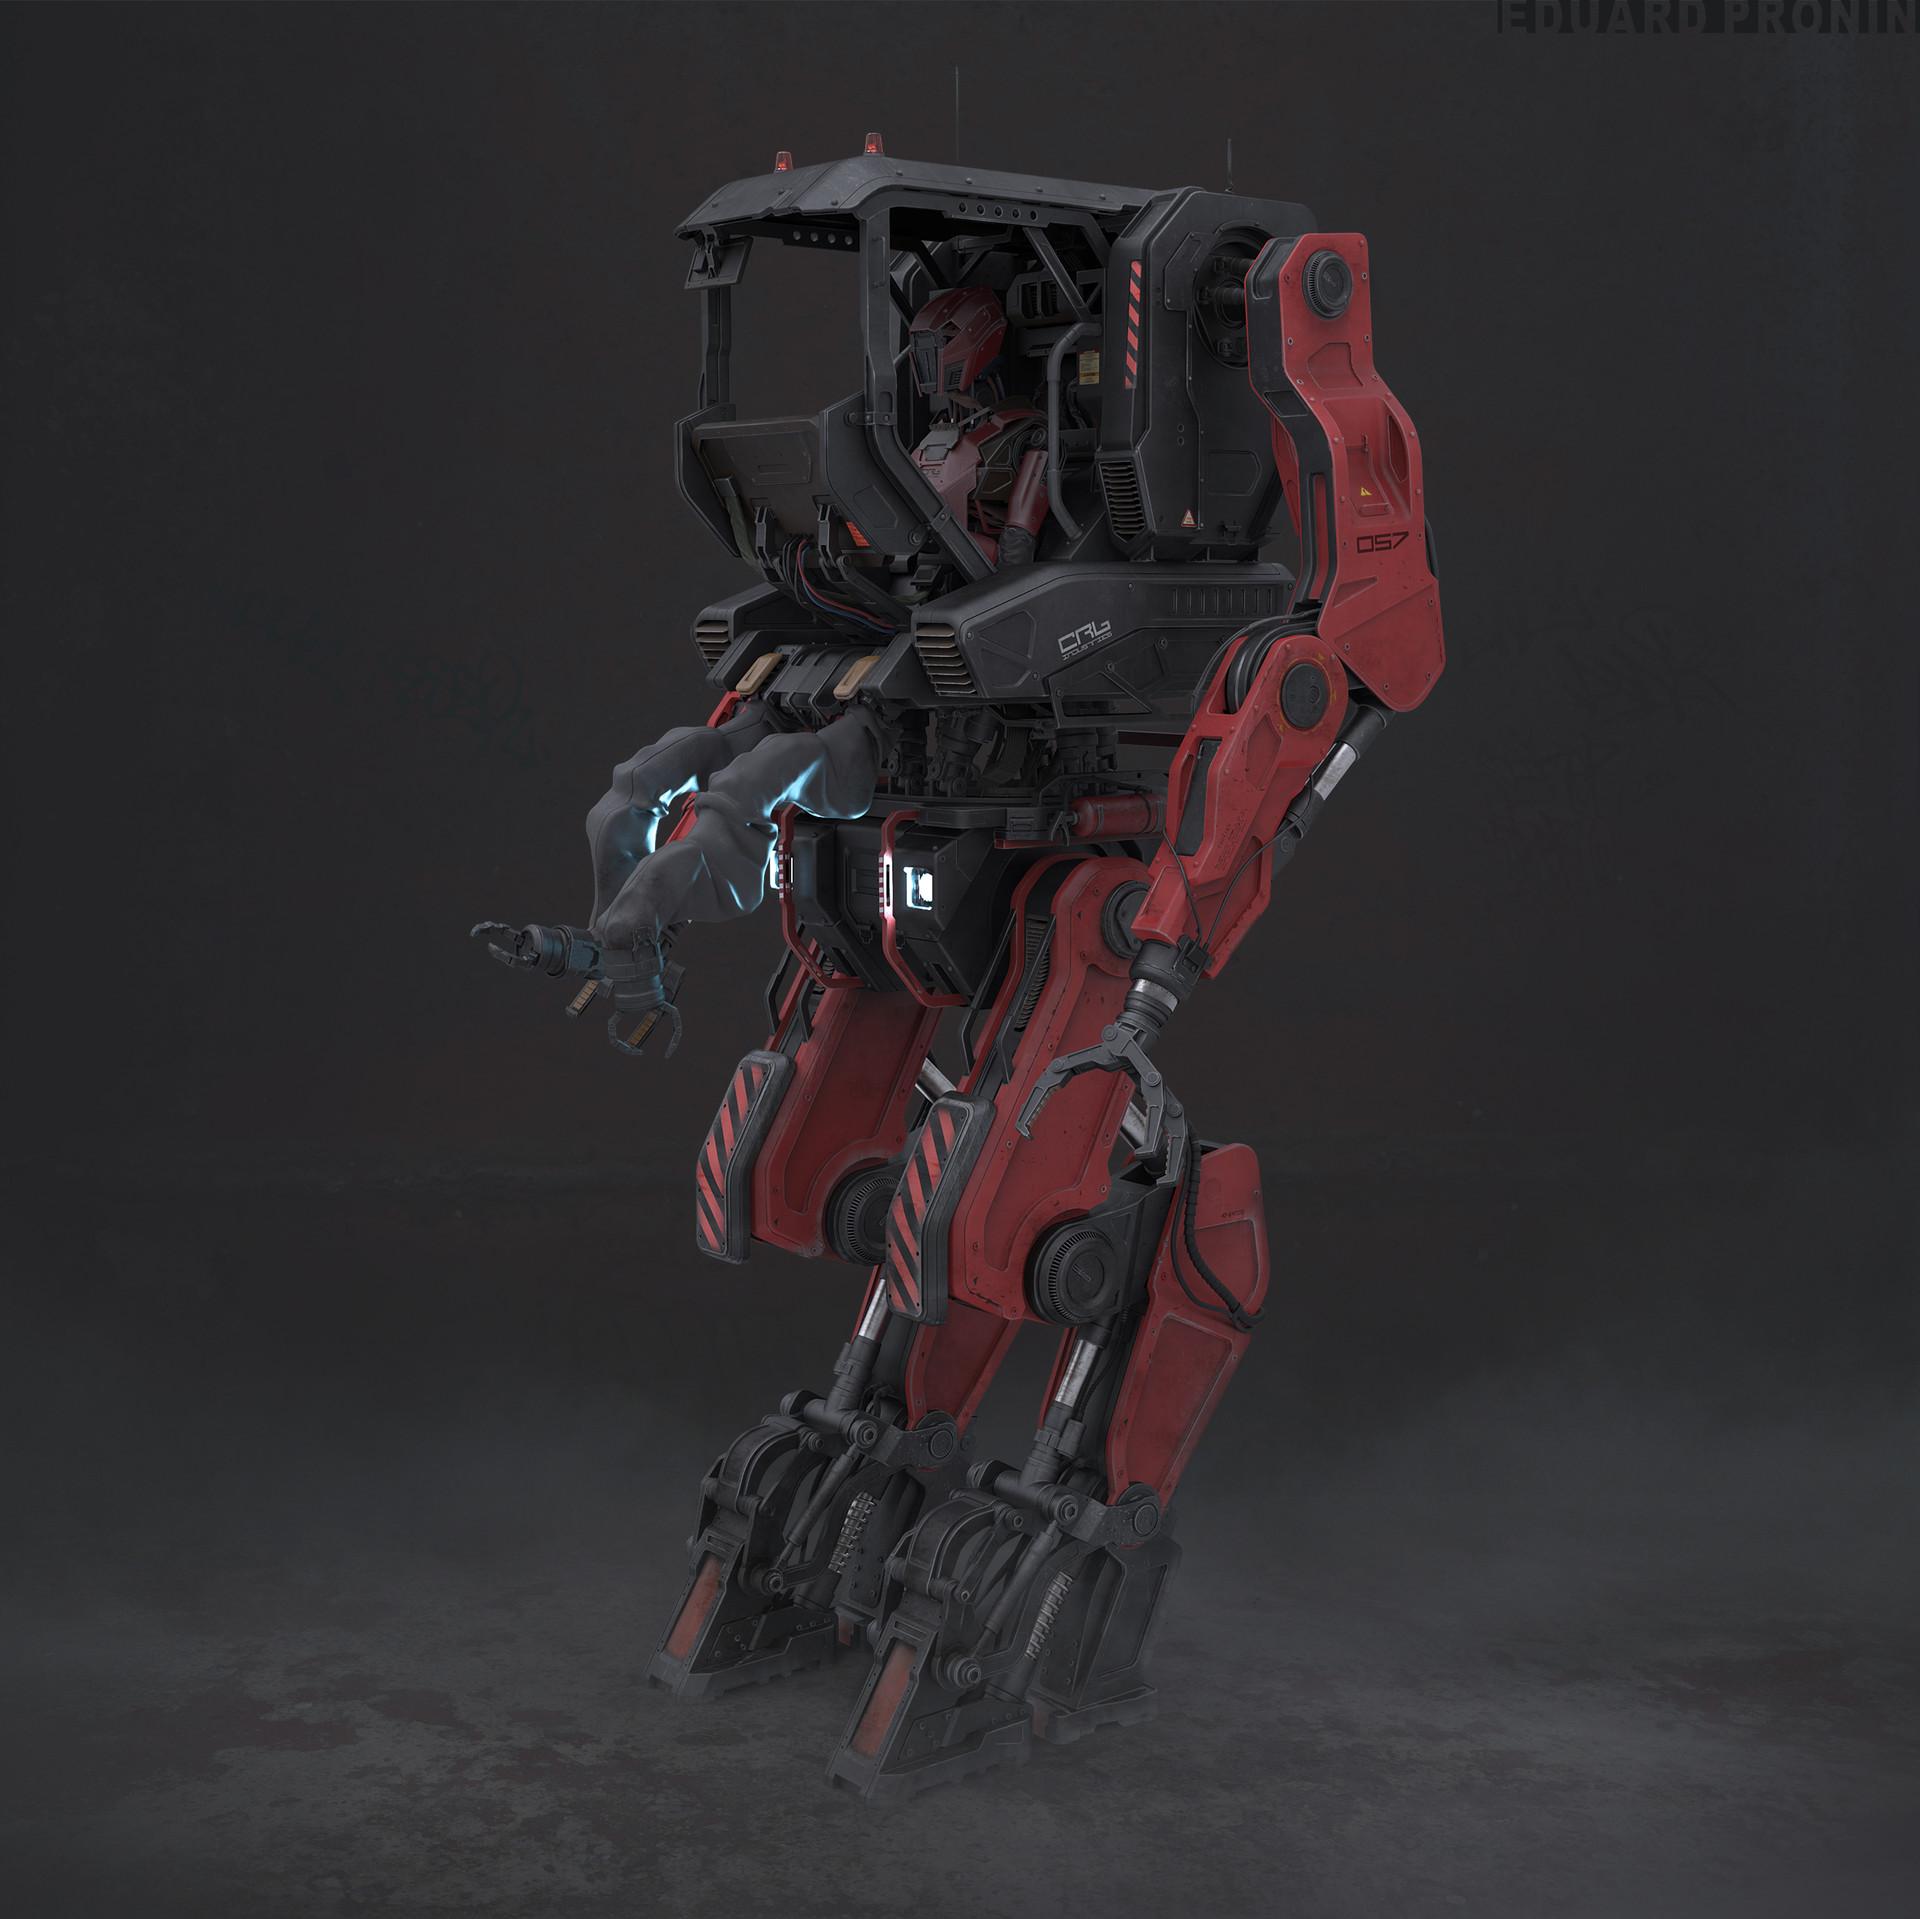 Eduard pronin robot loader